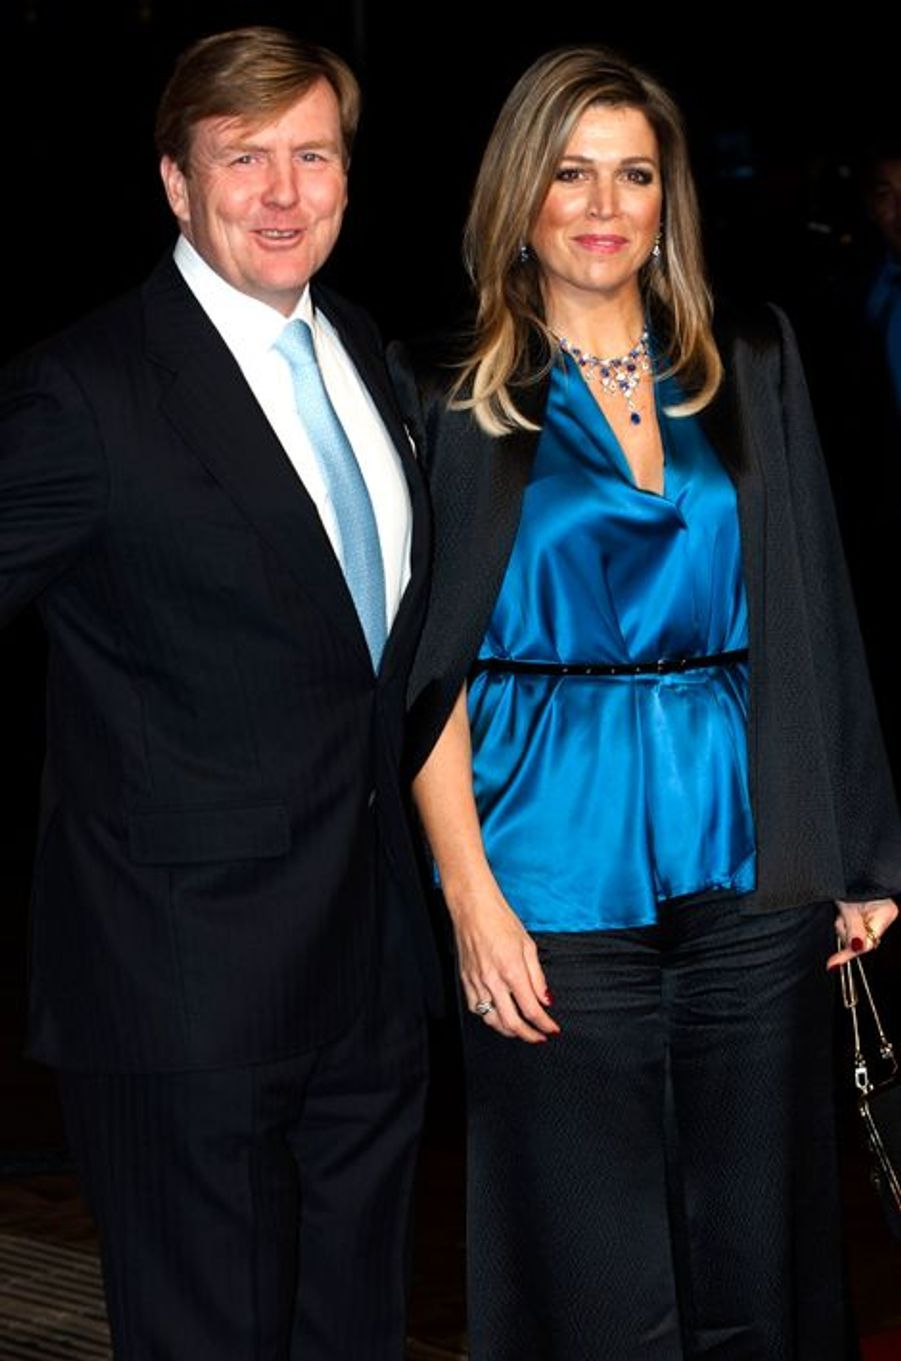 Le roi Willem-Alexander des Pays-Bas et la reine Maxima au théâtre Beatrix d'Utrecht, le 8 décembre 2014